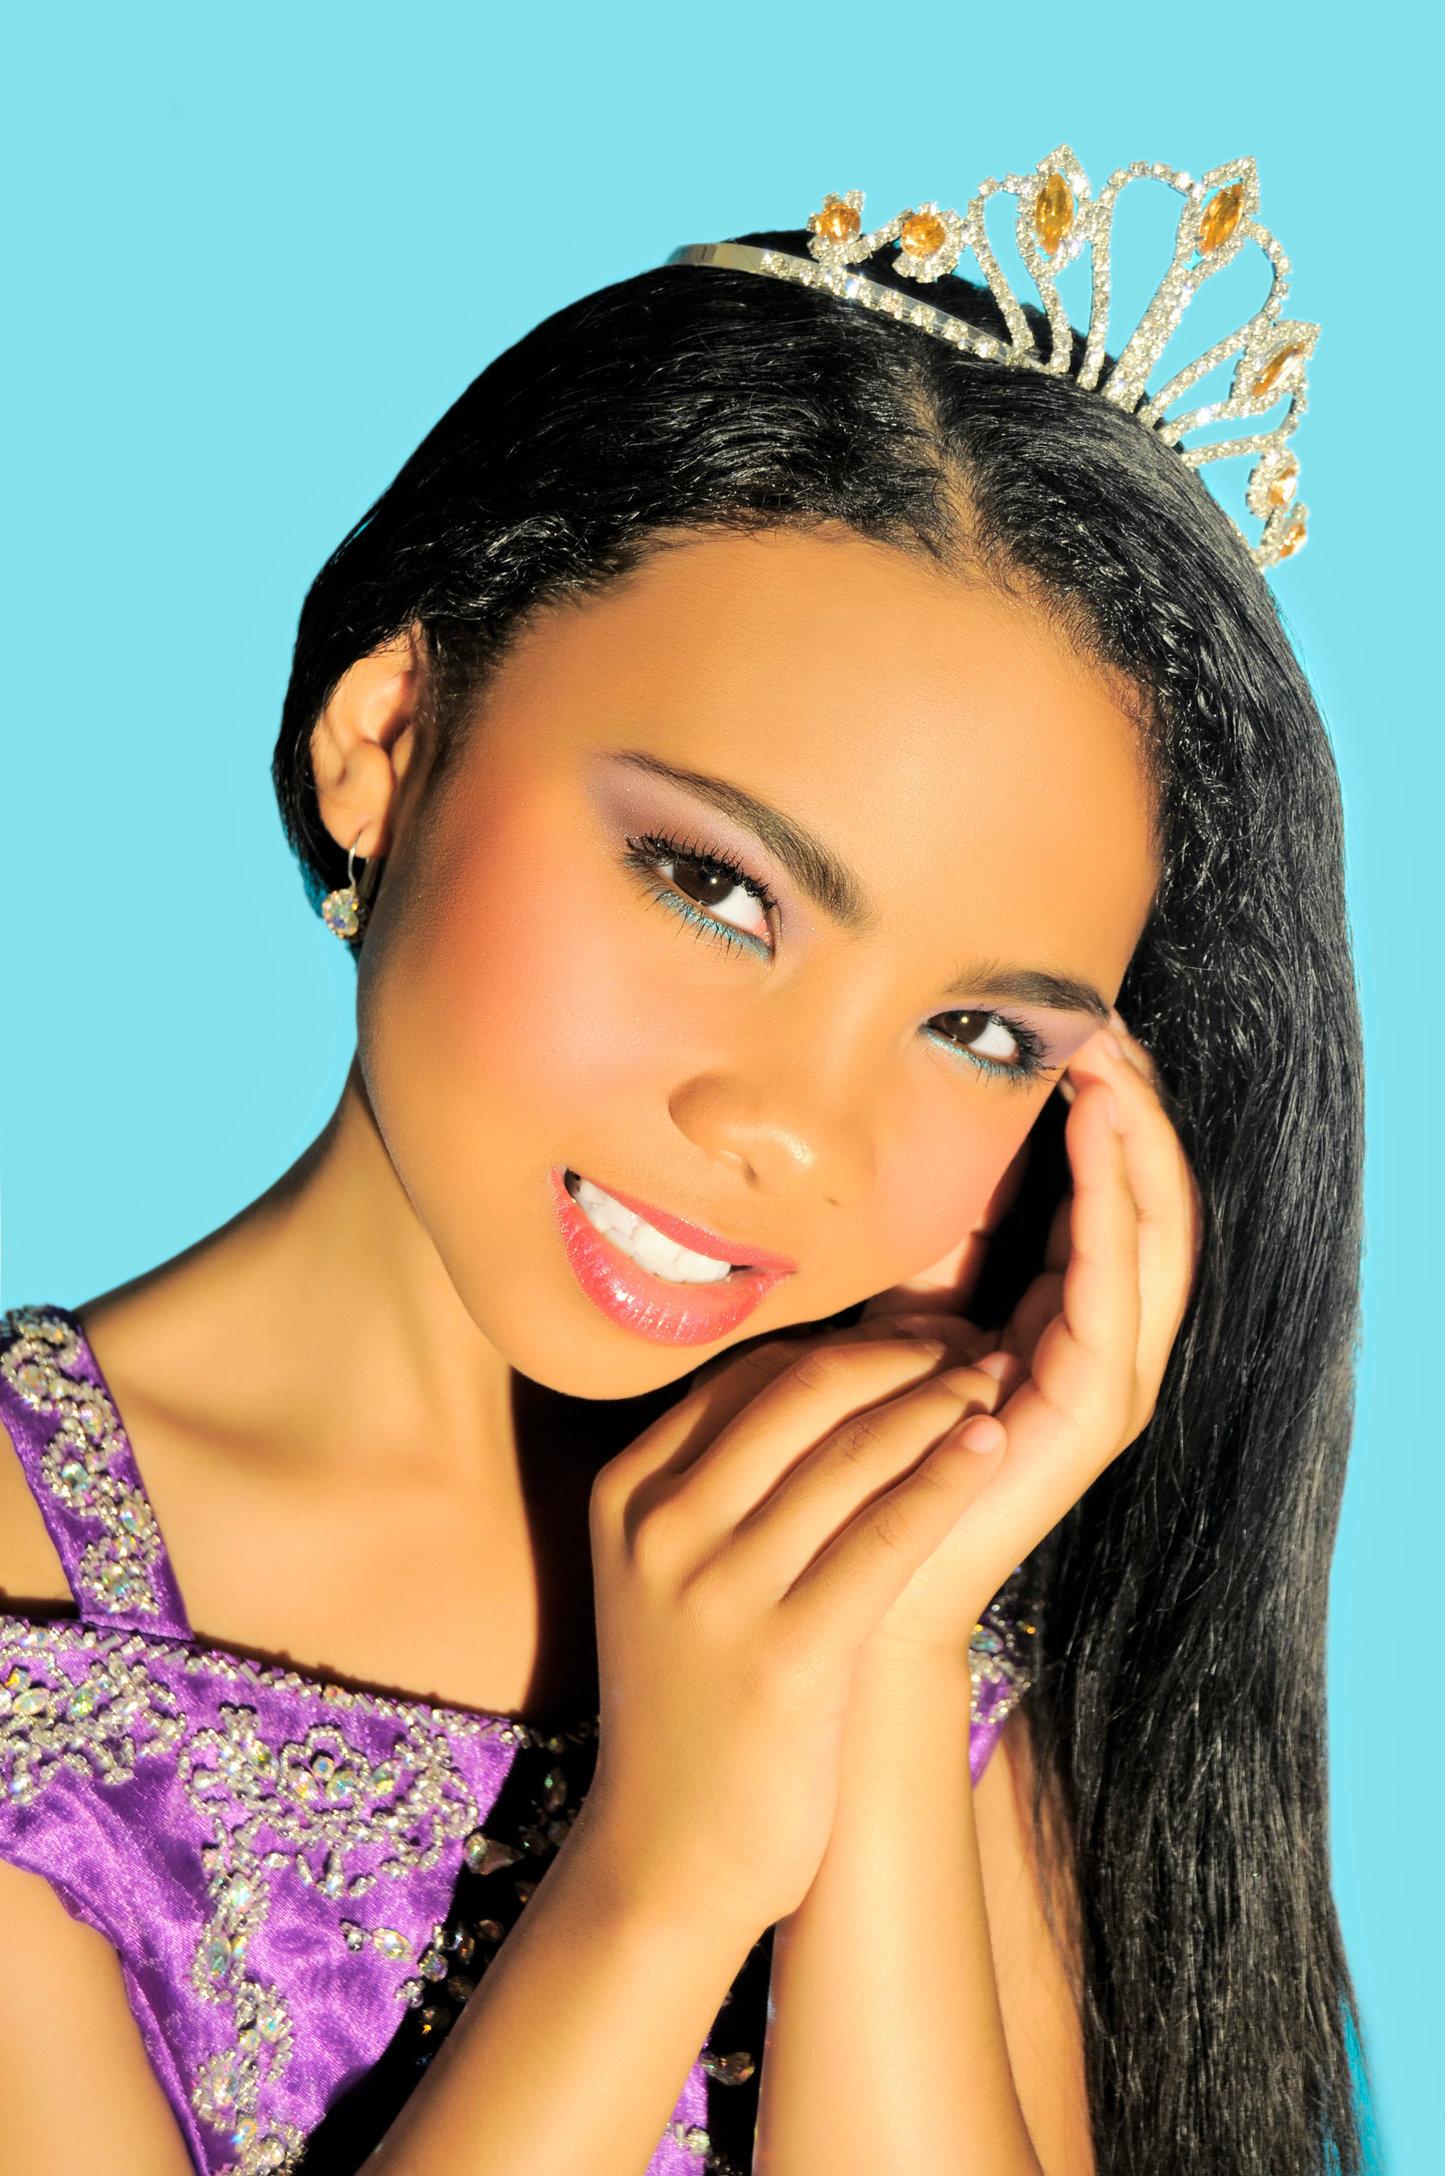 ASHAH - Child  Prima ballerina and Gymnist.